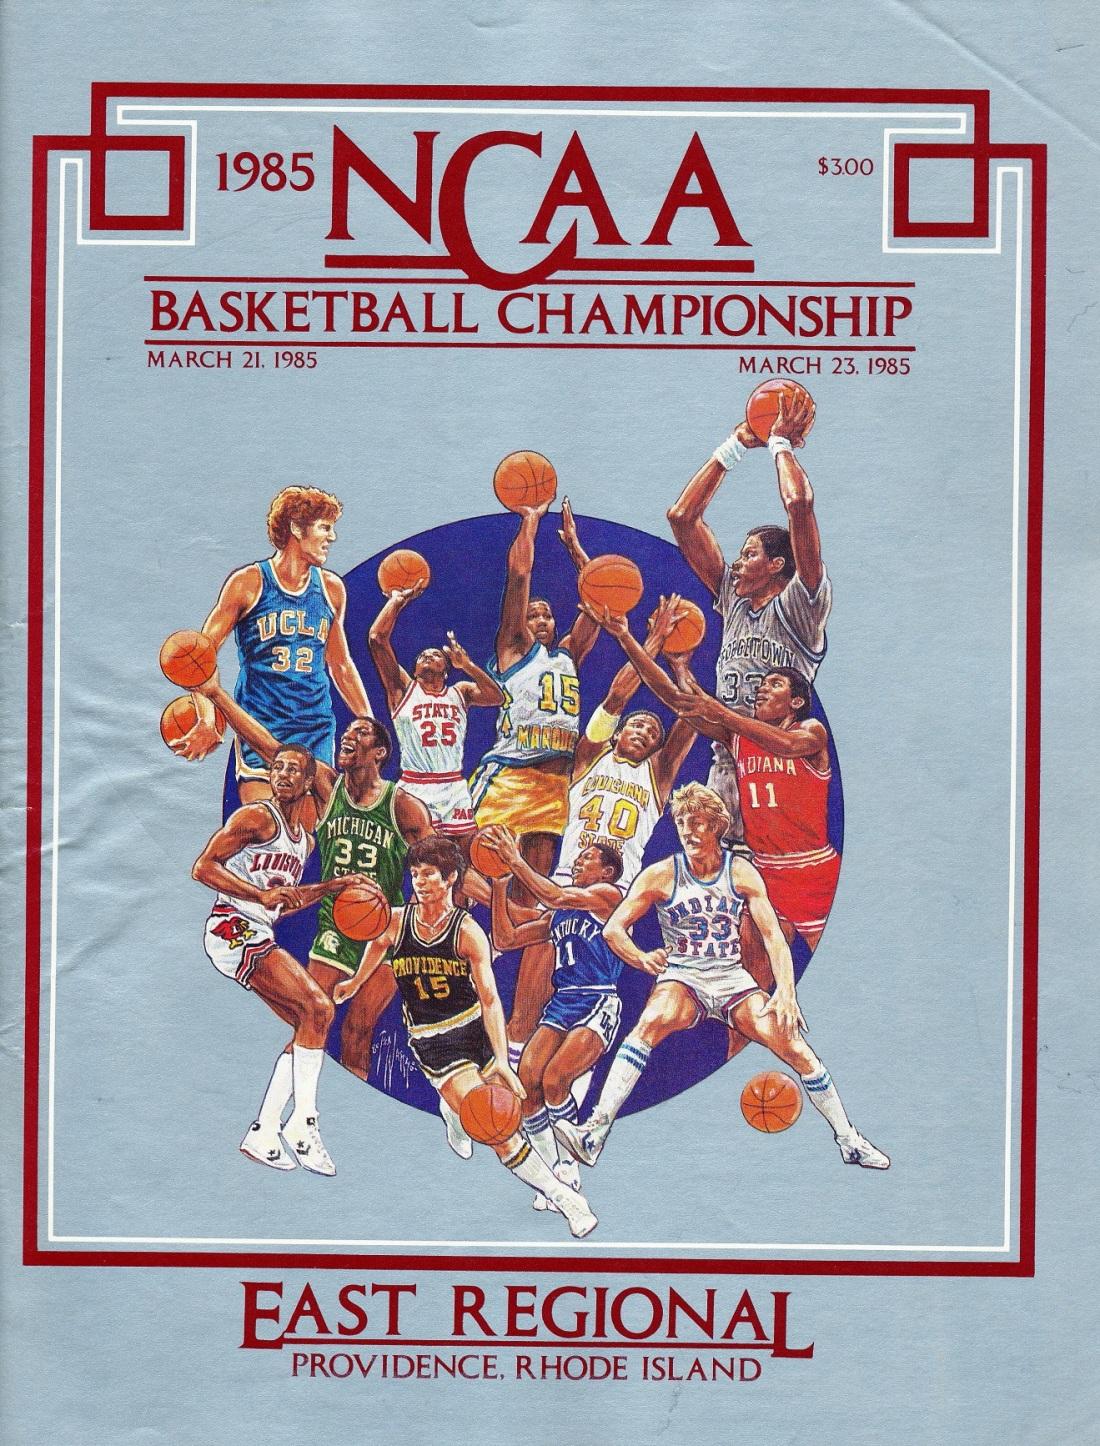 1985 - Copy